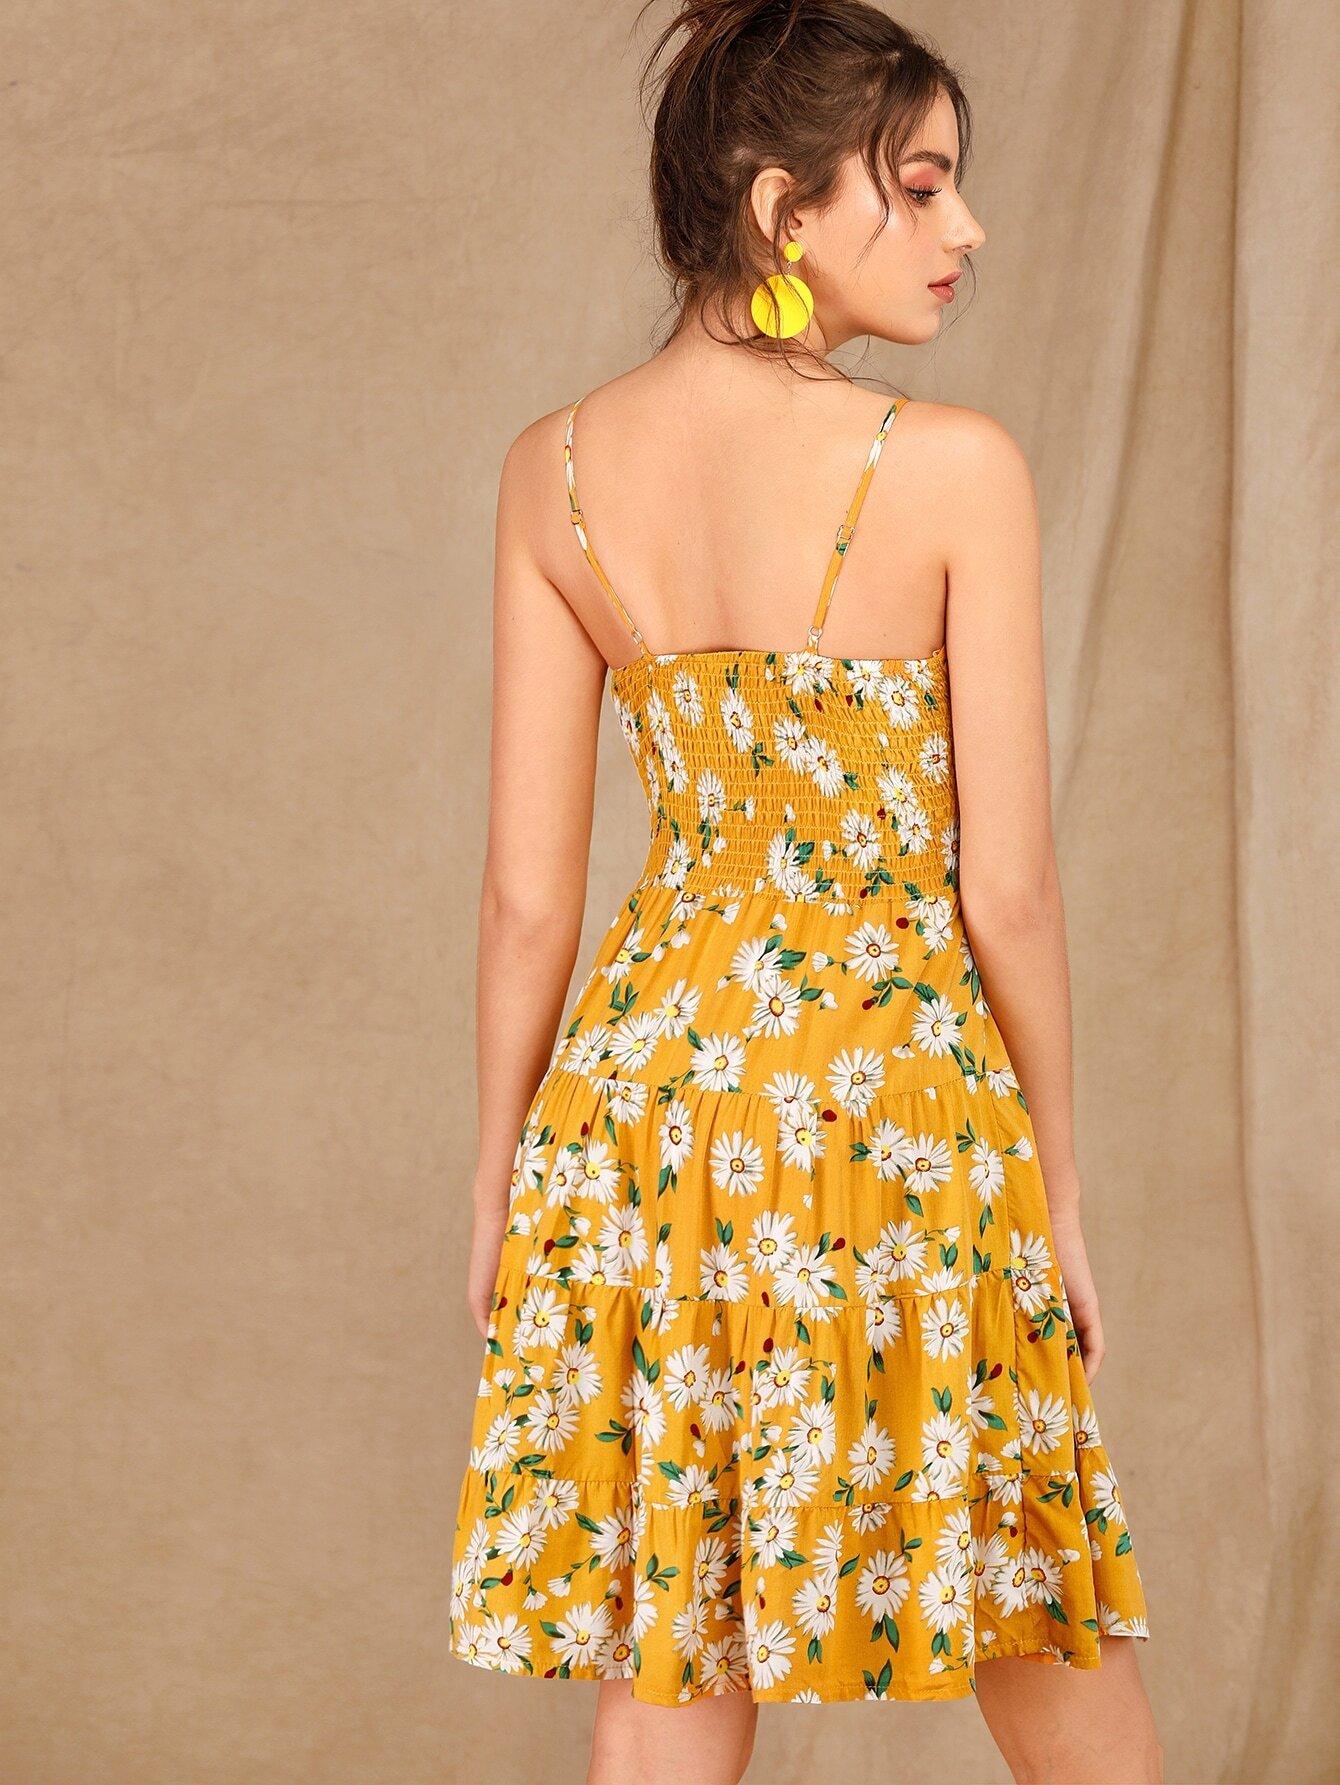 Kleid mit Gänseblümchen Blumen Muster und Band vorn | SHEIN